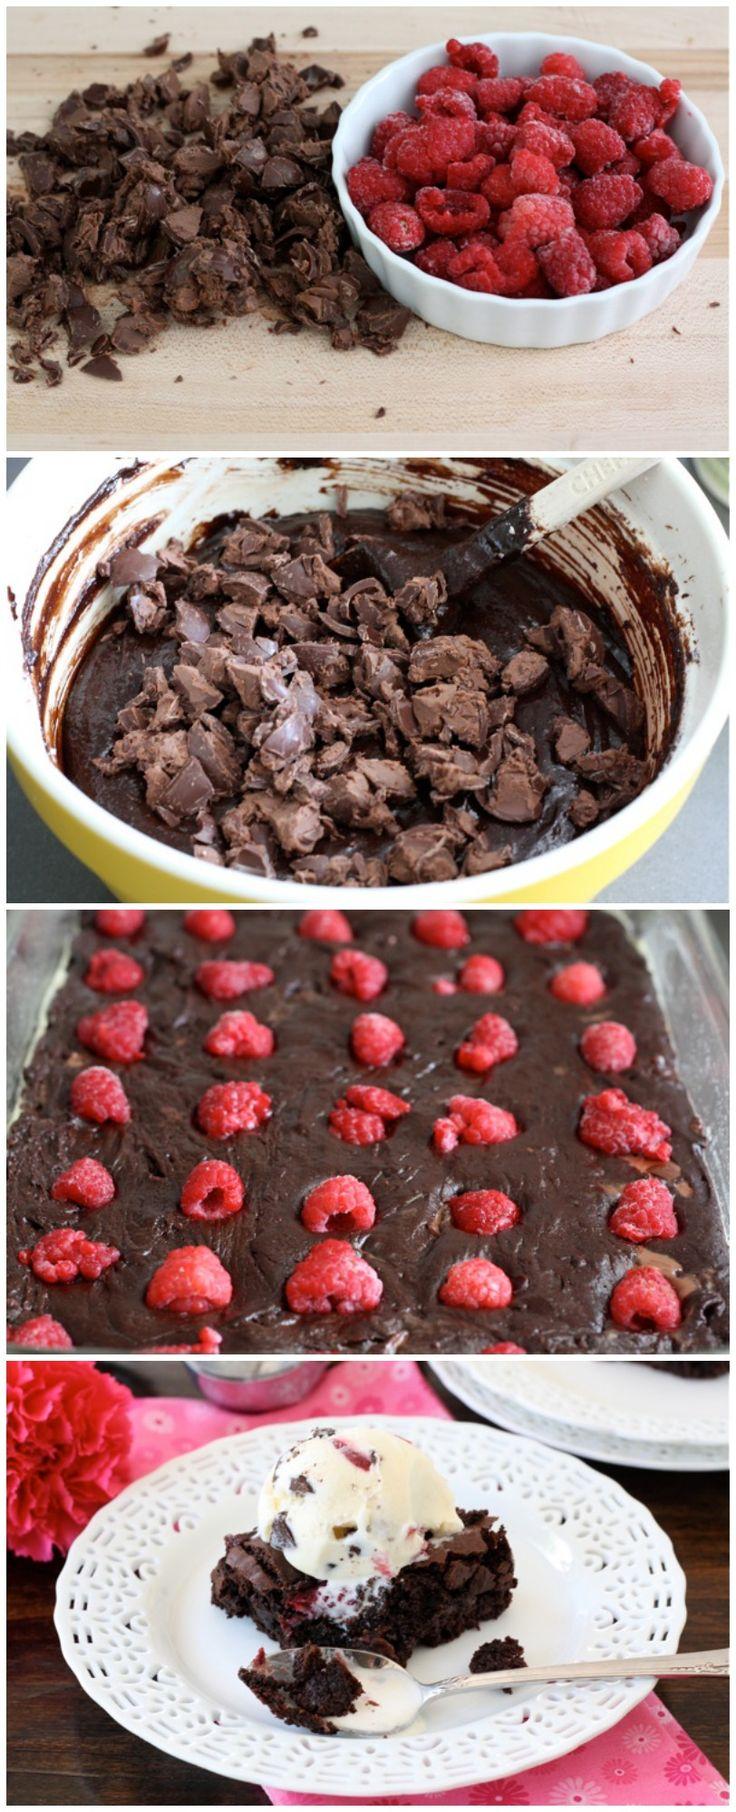 Raspberry Truffle Brownie Recipe